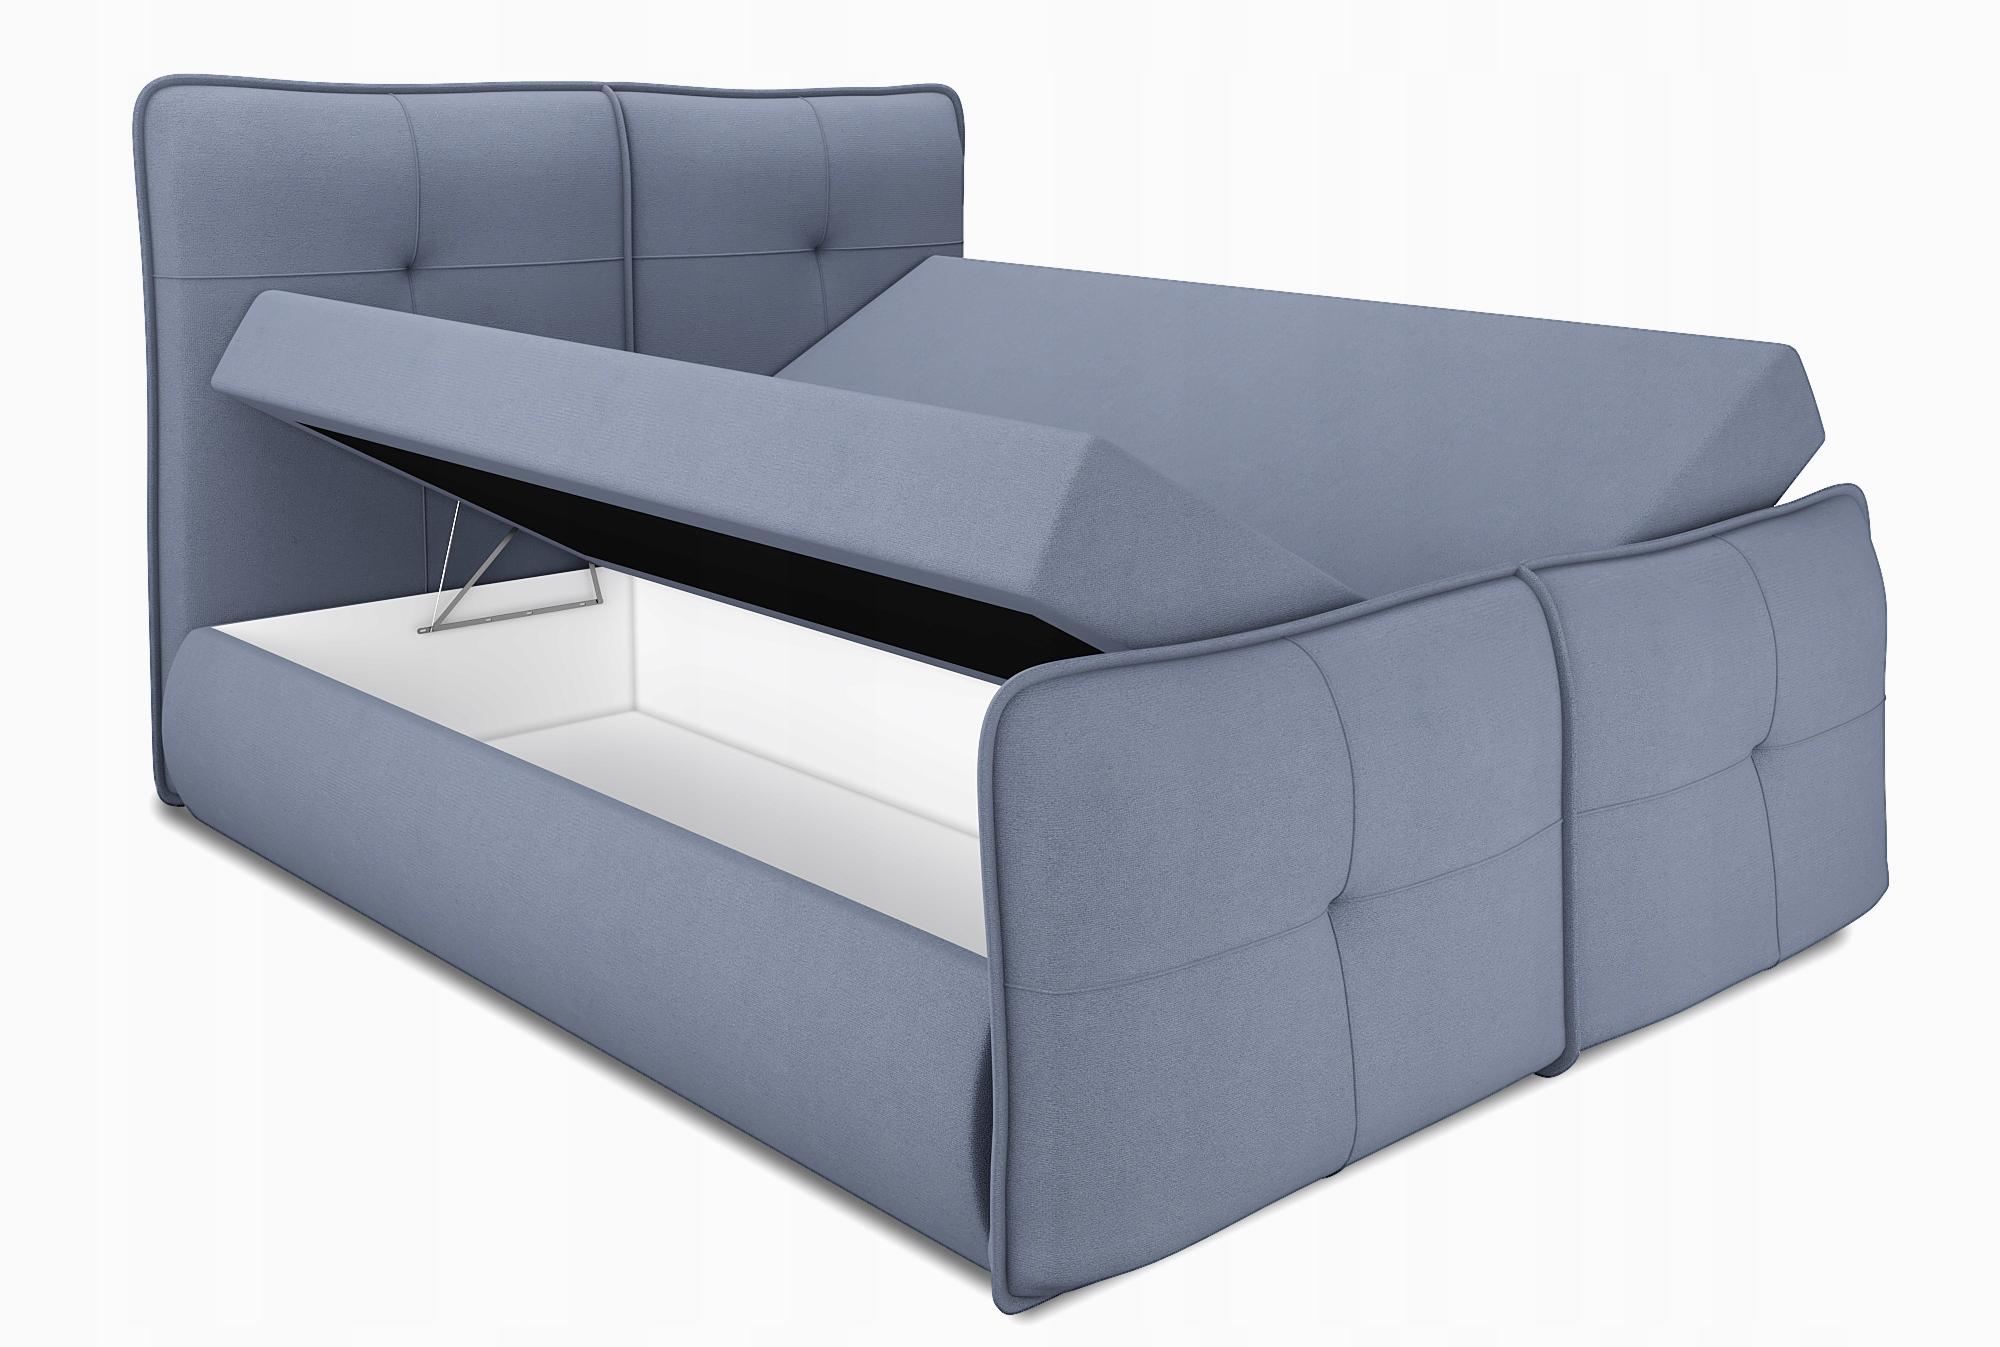 łóżko Kontynentalne PAX 180x200 młodzieżowe stelaż Typ łóżka materac w komplecie z zagłówkiem ze stelażem pojemnik na pościel otwierany do góry nie dotyczy